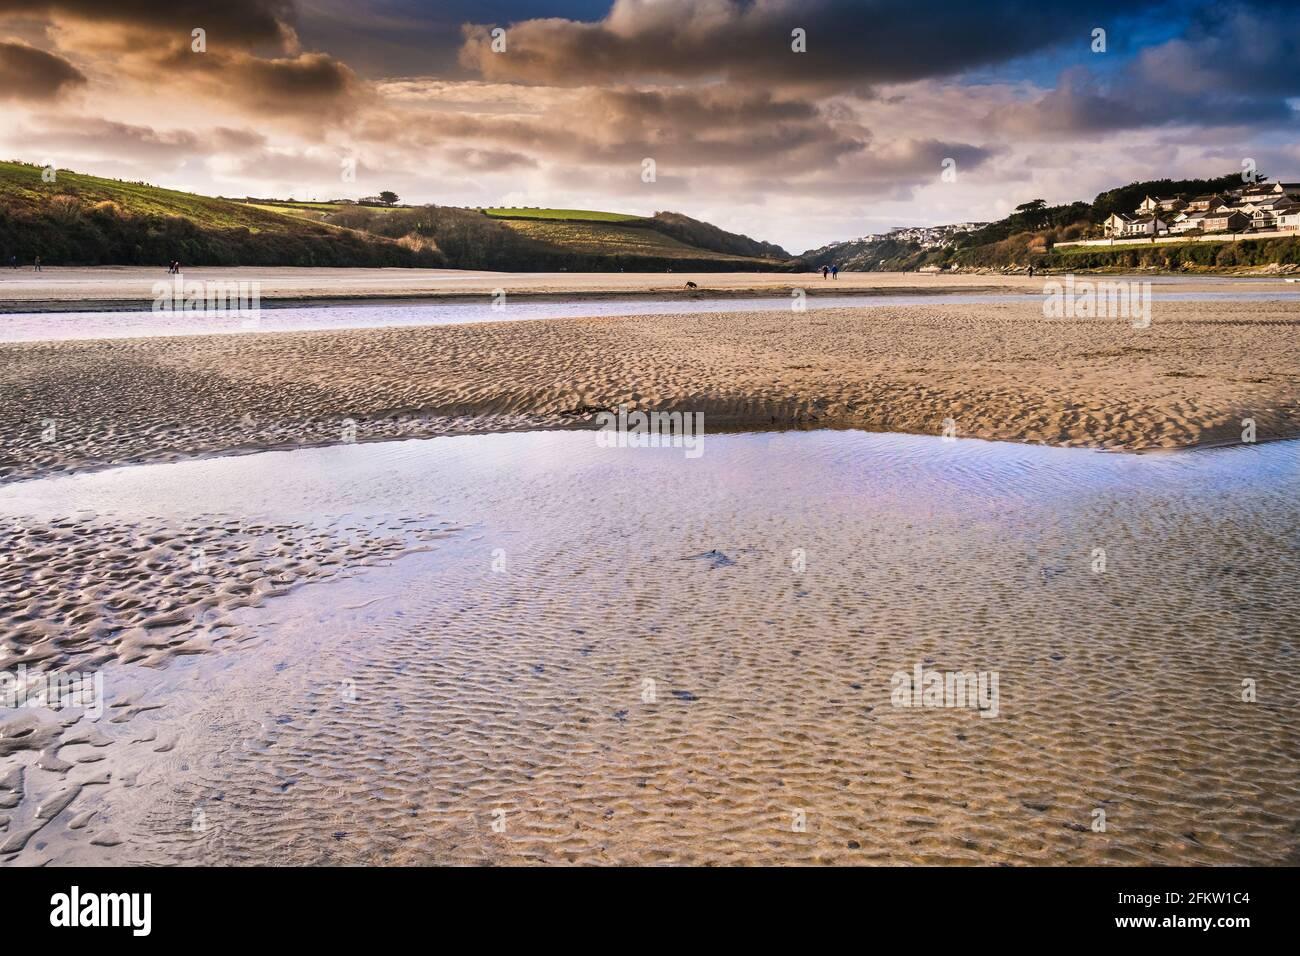 Il fiume Gannel a bassa marea a Newquay in Cornovaglia. Foto Stock